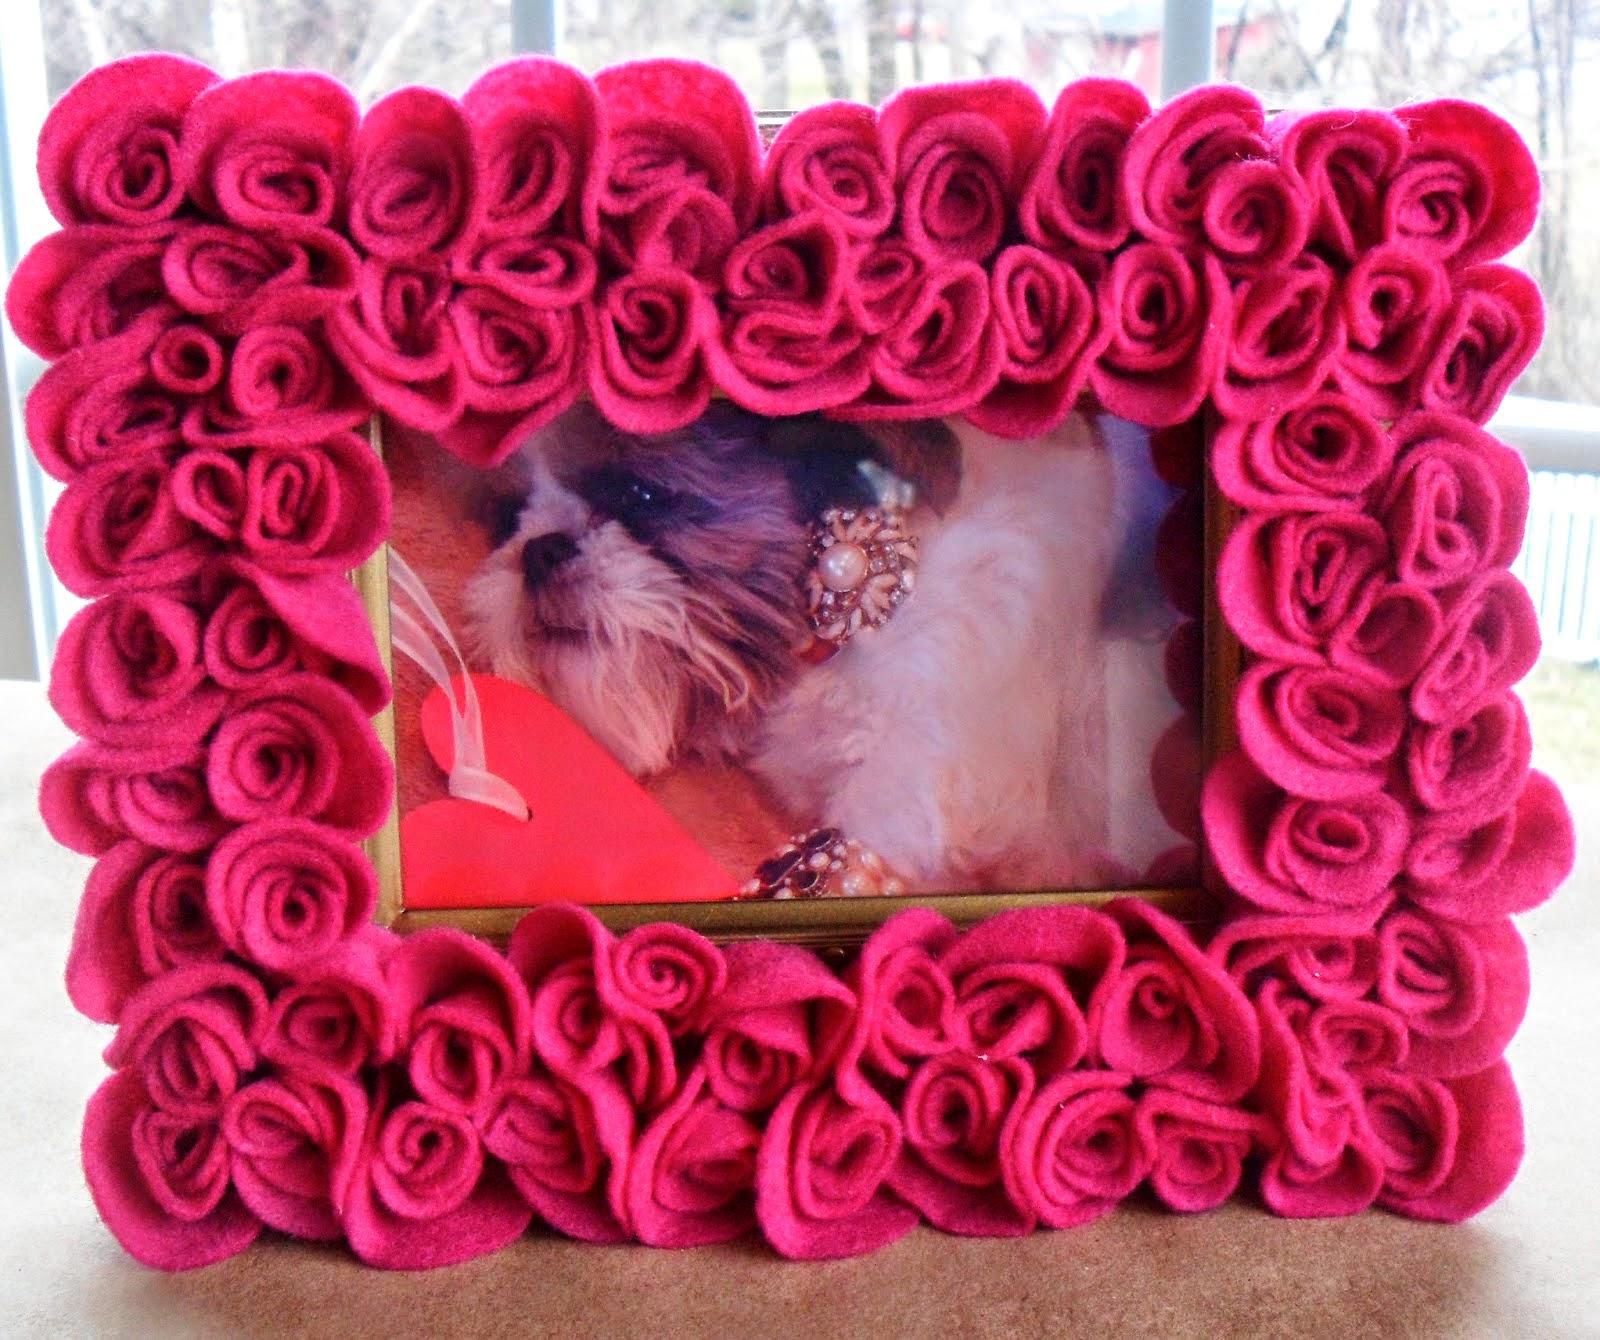 lindas e coloridas flores de feltro